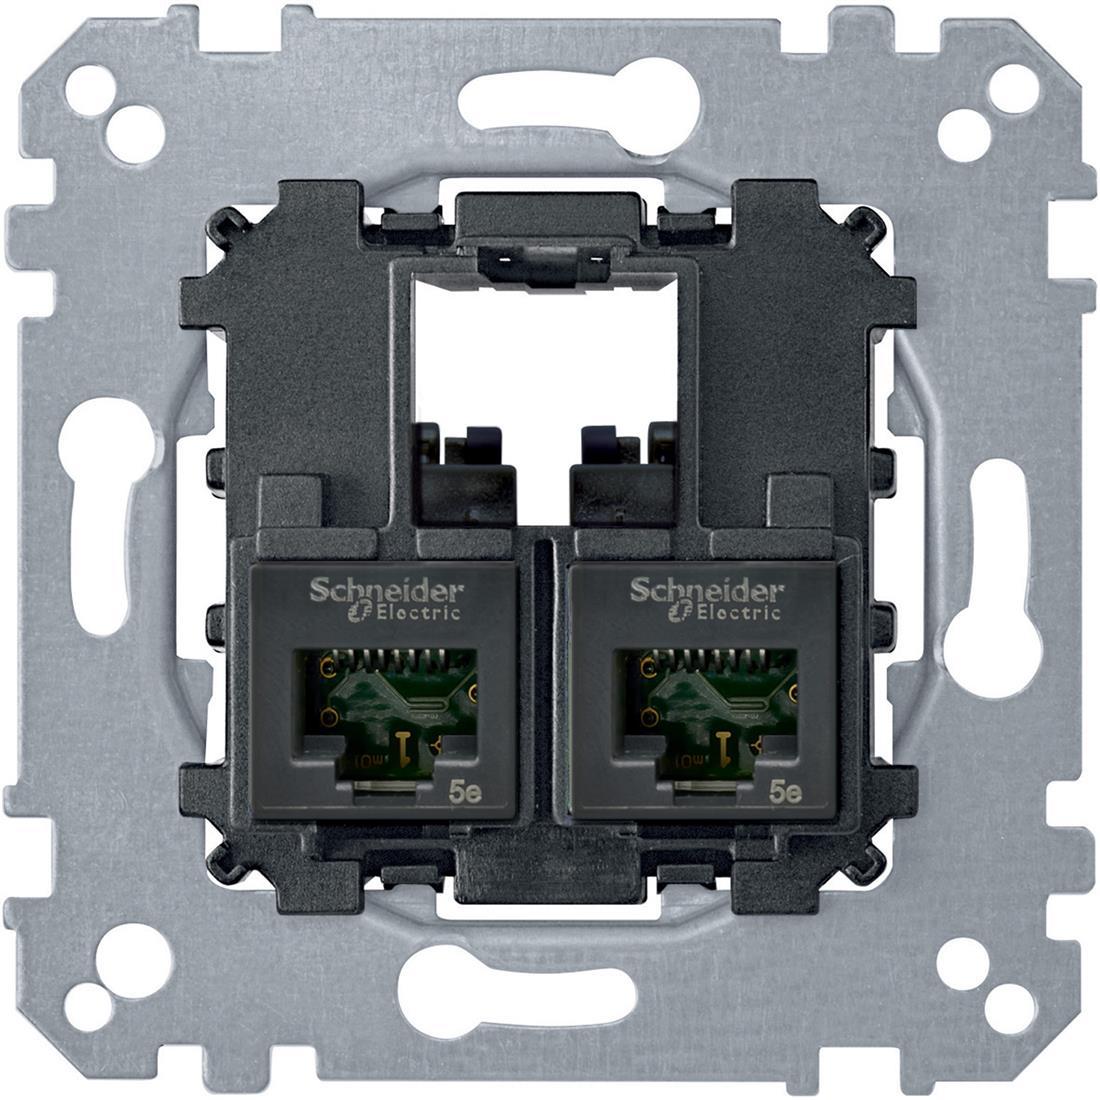 Schneider-Merten draagplaat 2-voudig voor UTP RJ45 cat 5E (MTN4575-0002)